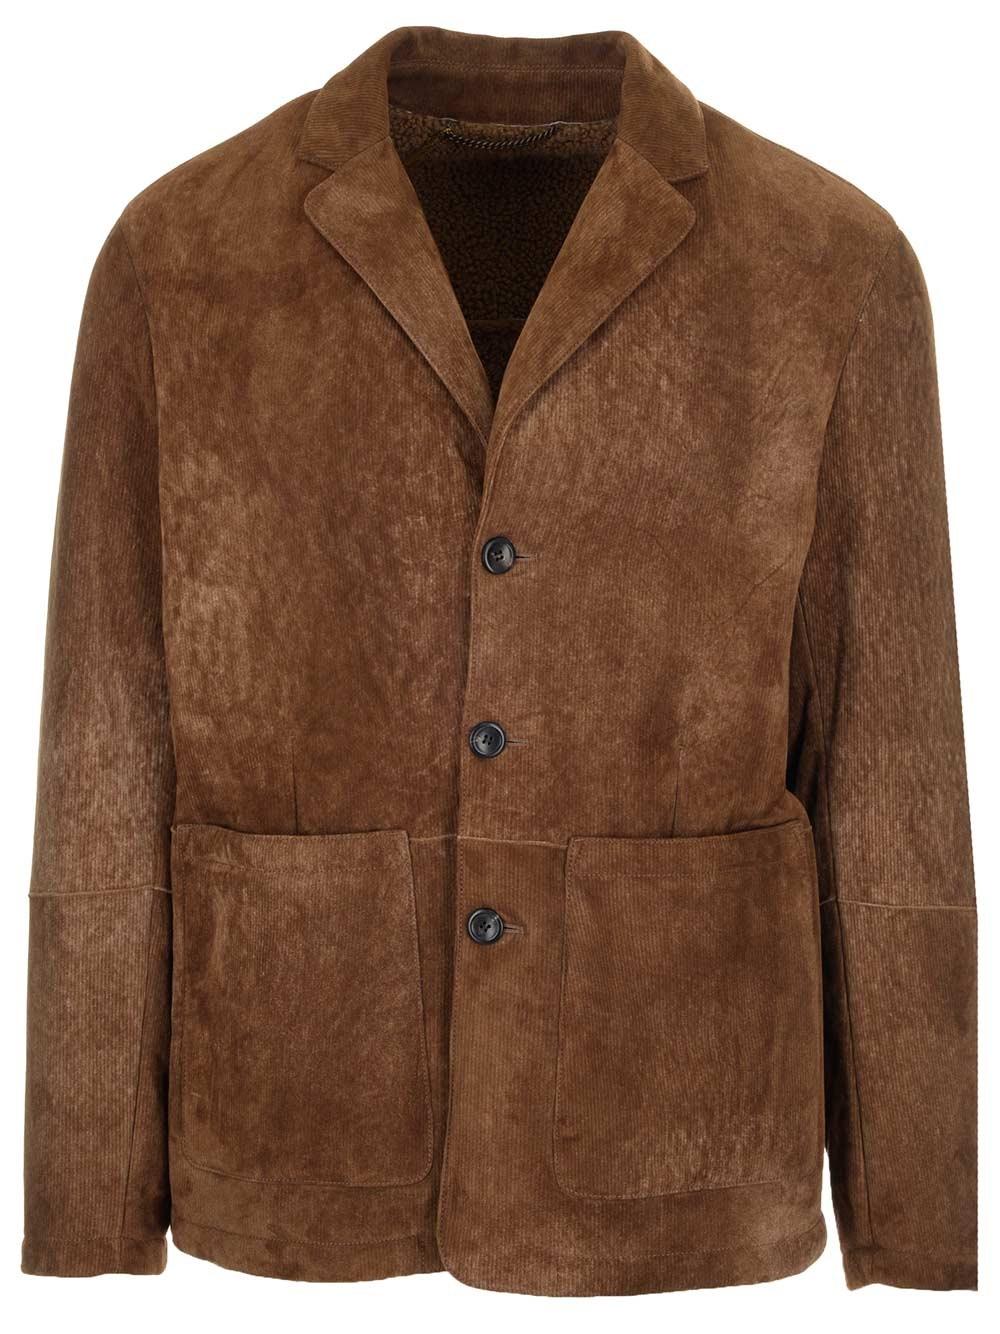 AJMONE Brown Suede Jacket